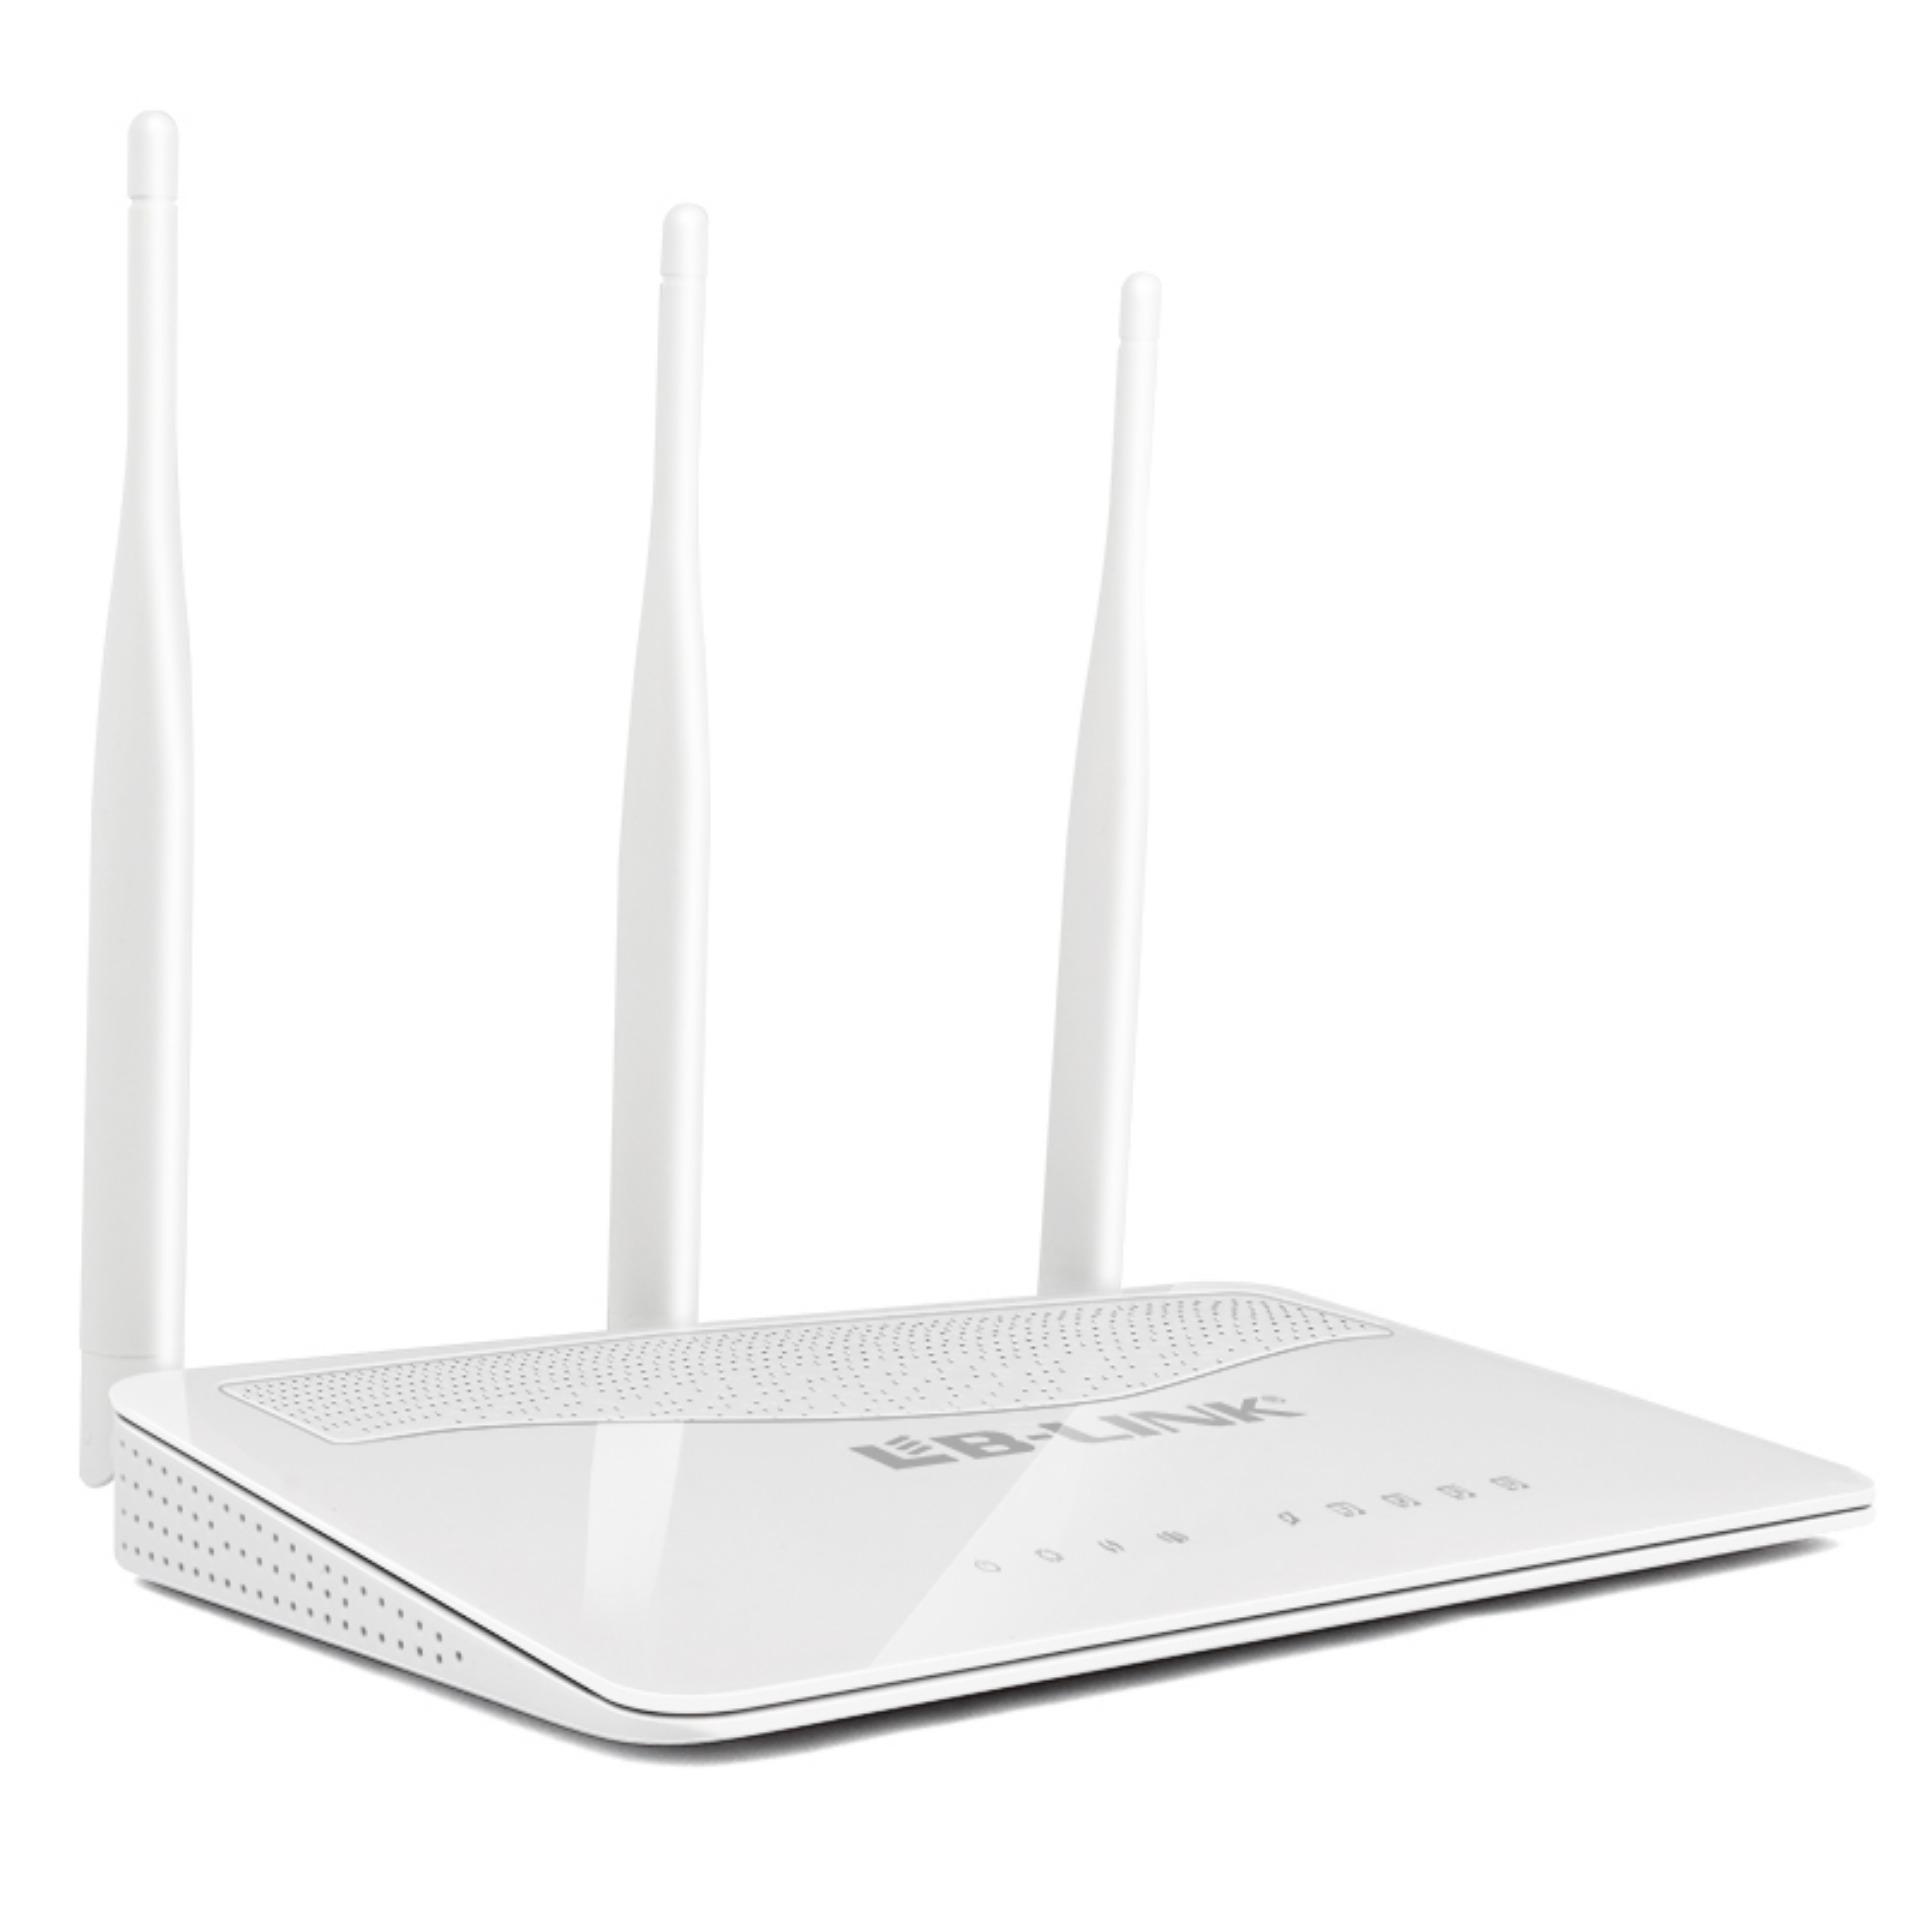 Hình ảnh Bộ Phát Kiêm Kích Sóng-Câu Sóng- Mở Rộng Phát Wifi LB-LINK WR3000A- 300Mb/S Chuẩn N 3 Dâu